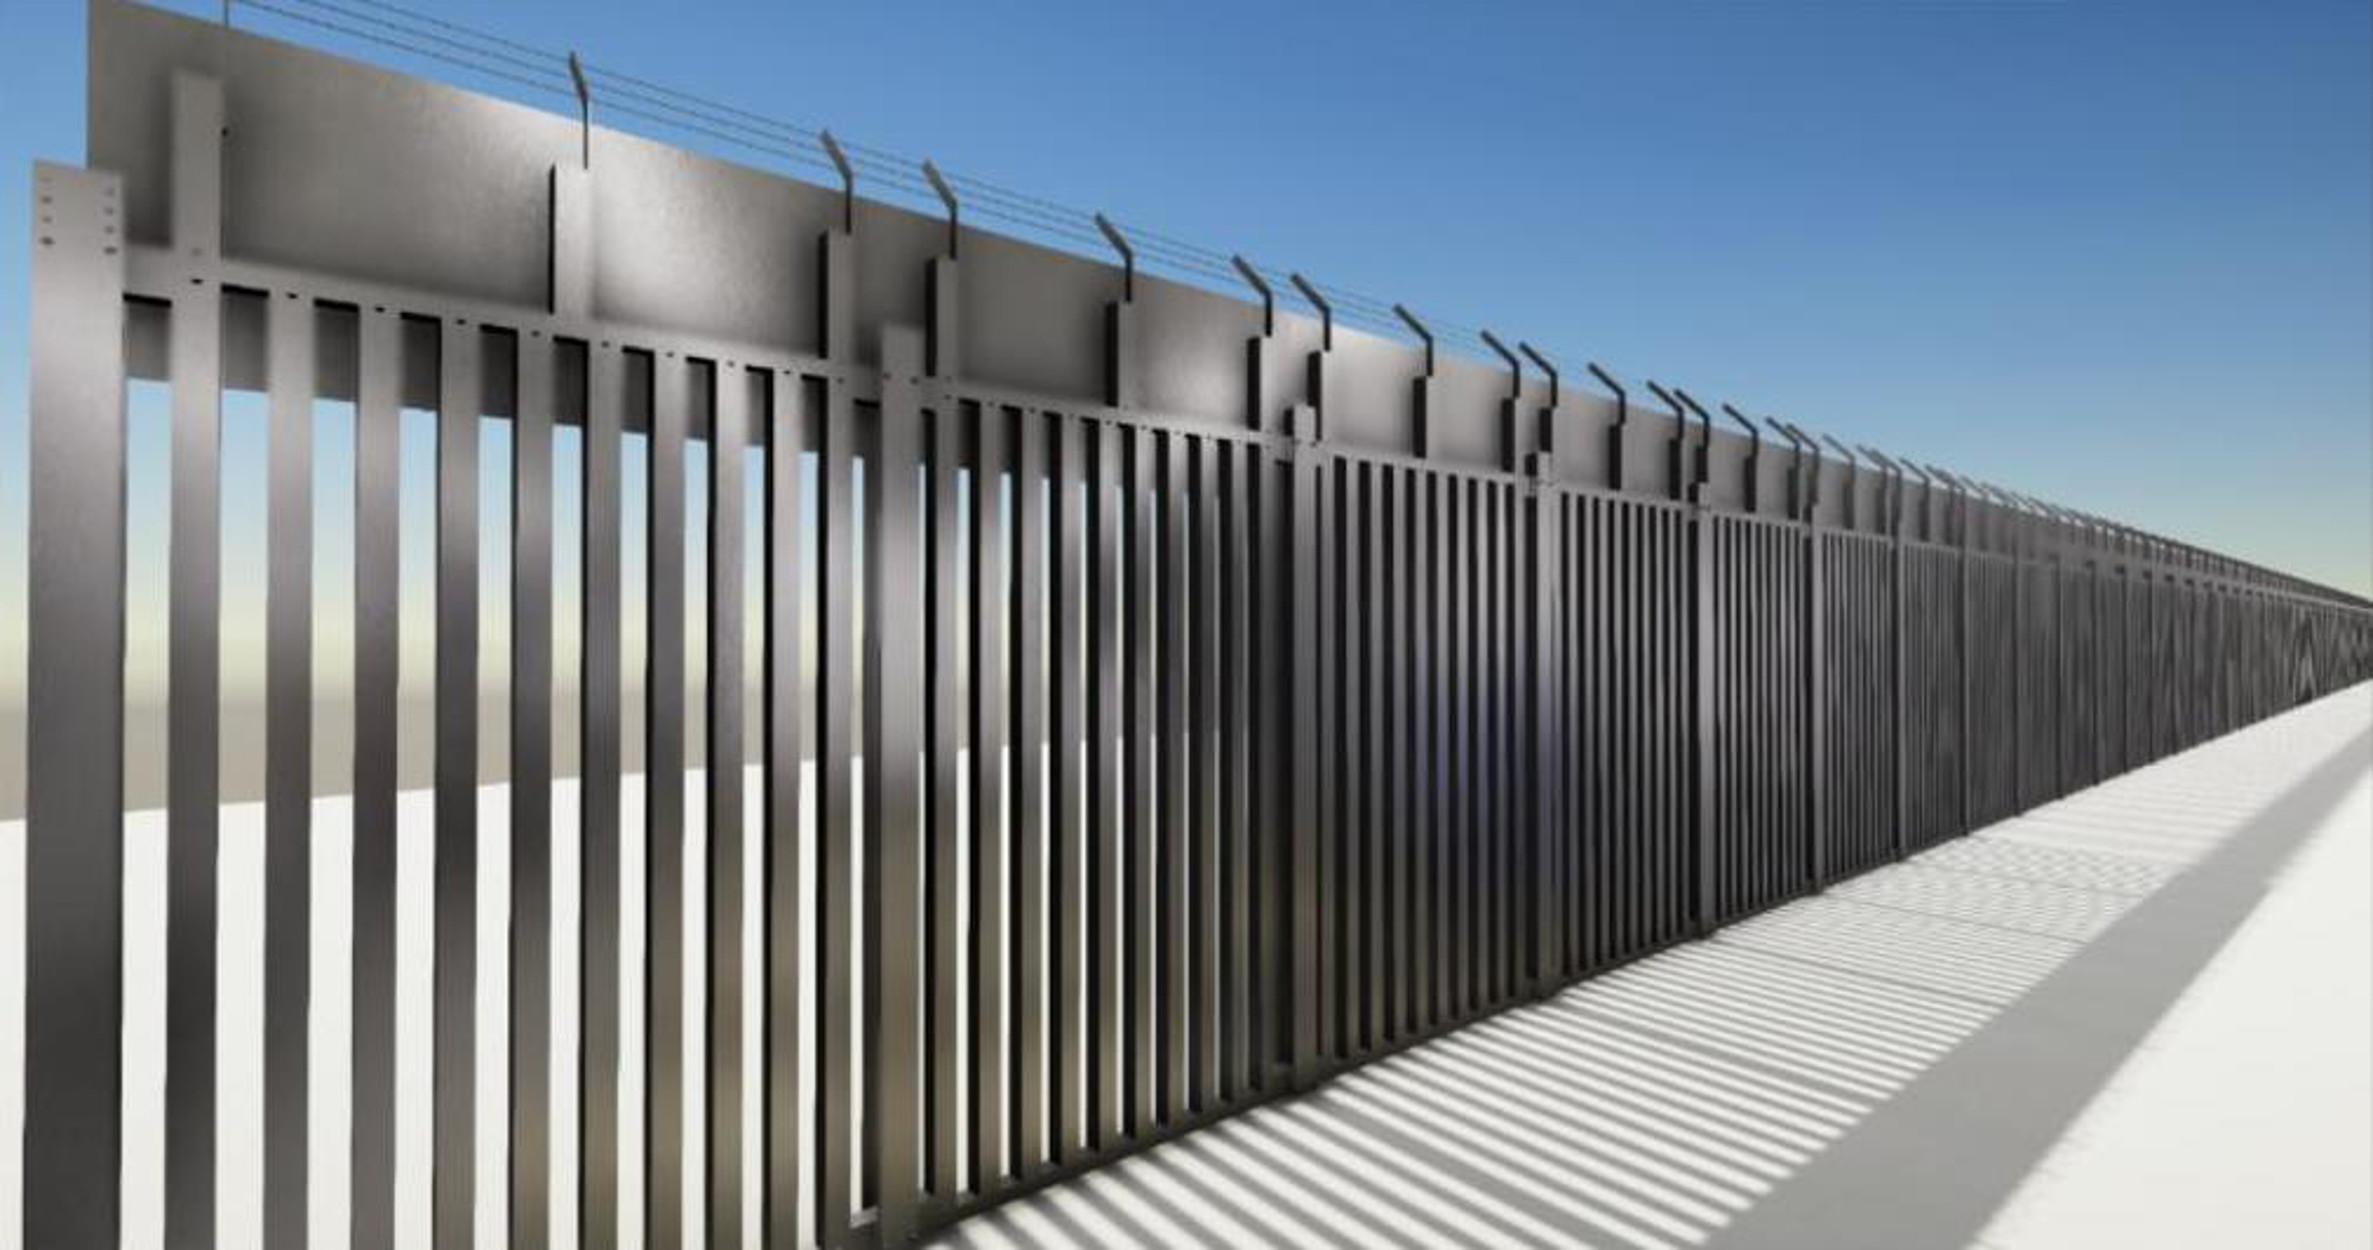 Έβρος: Αυτός είναι ο φράχτης – Ποια τα χαρακτηριστικά του και πότε θα ολοκληρωθεί